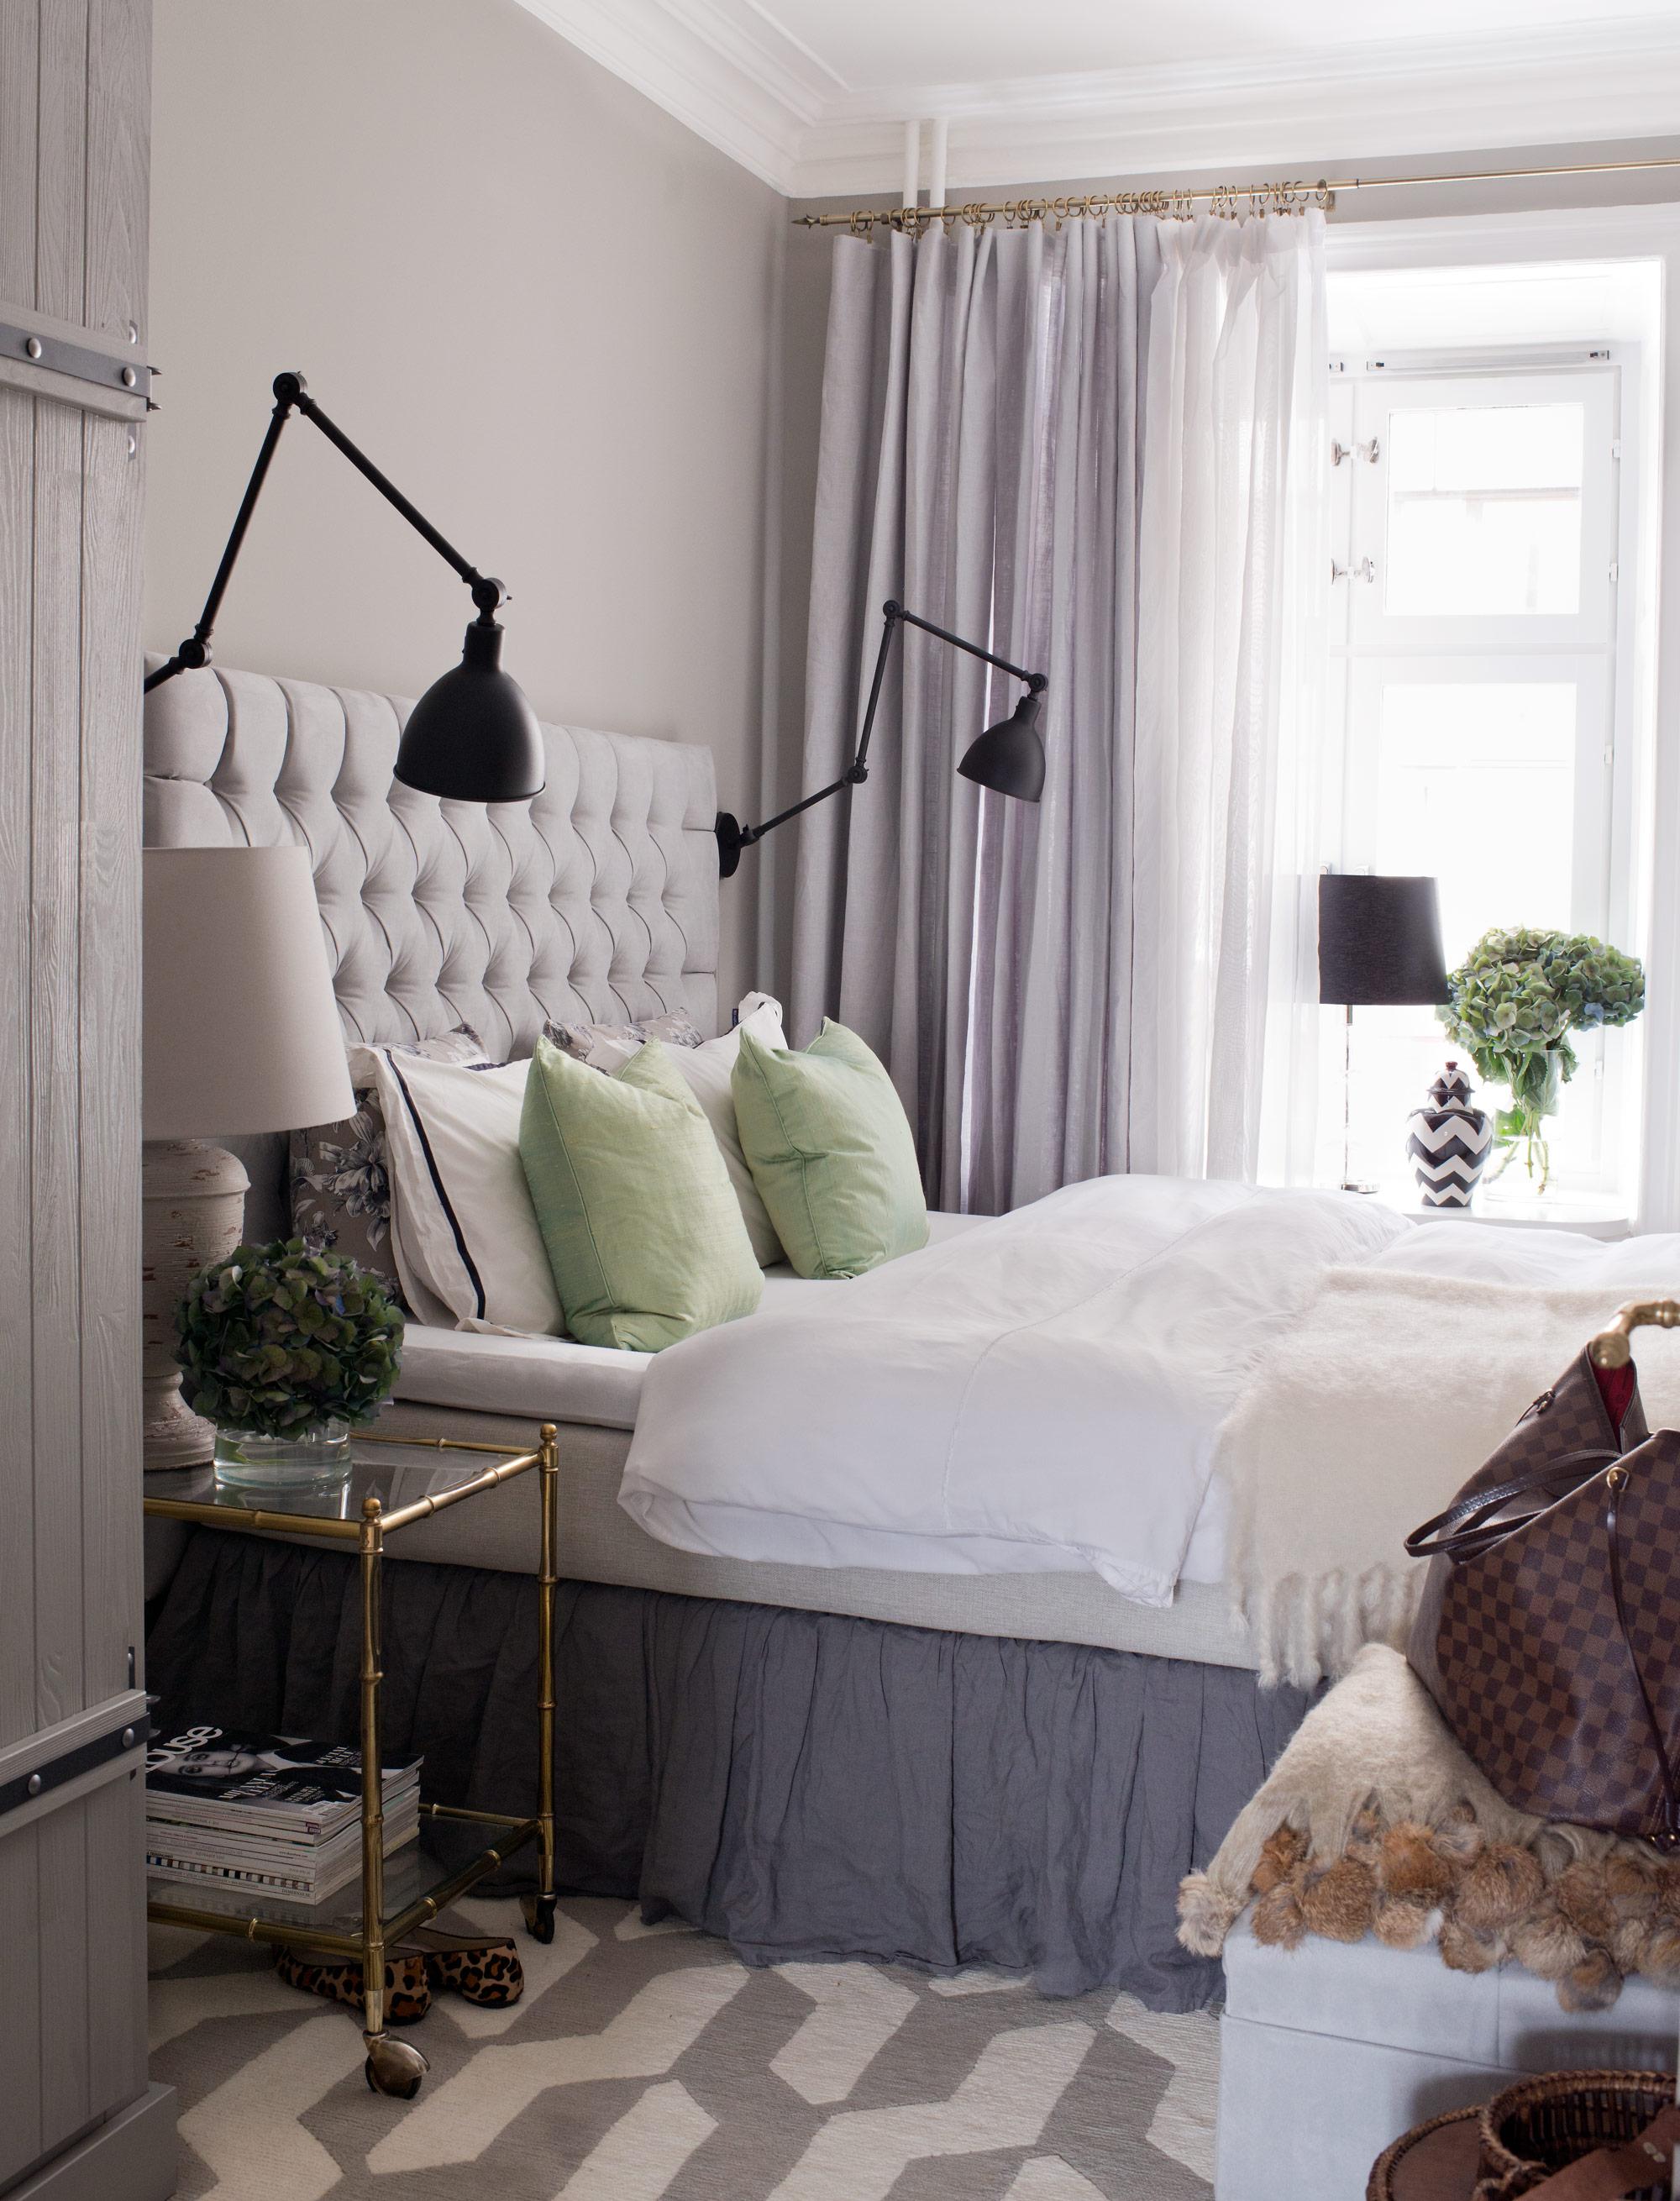 Lampor införskaffade! u2013 pretty home blog